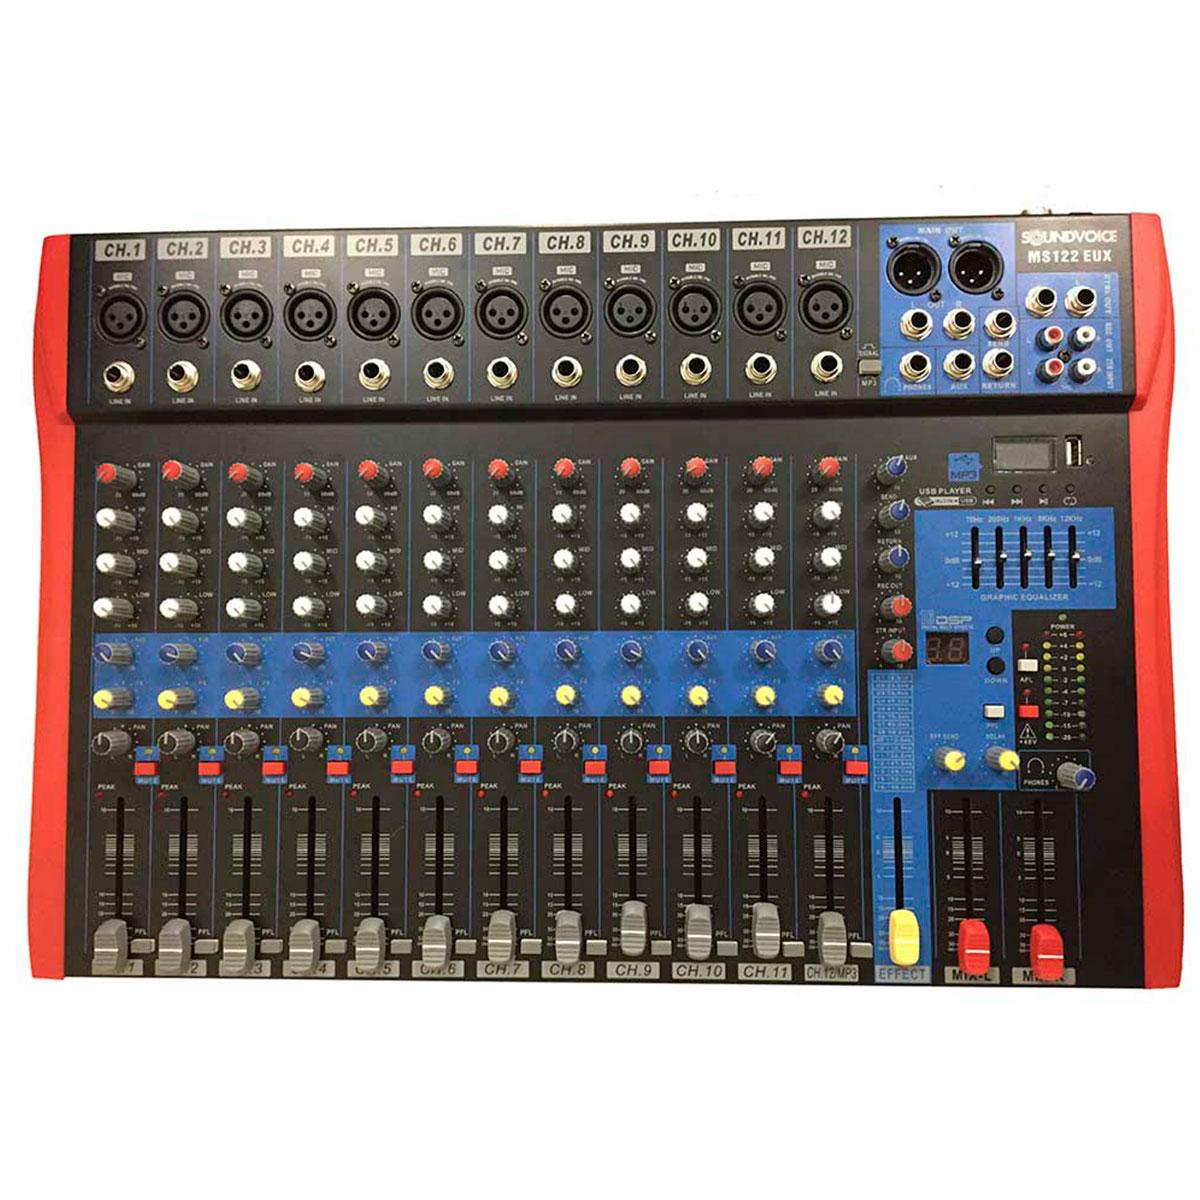 MS122eux - Mesa de Som / Mixer 12 Canais USB MS 122eux - Soundvoice